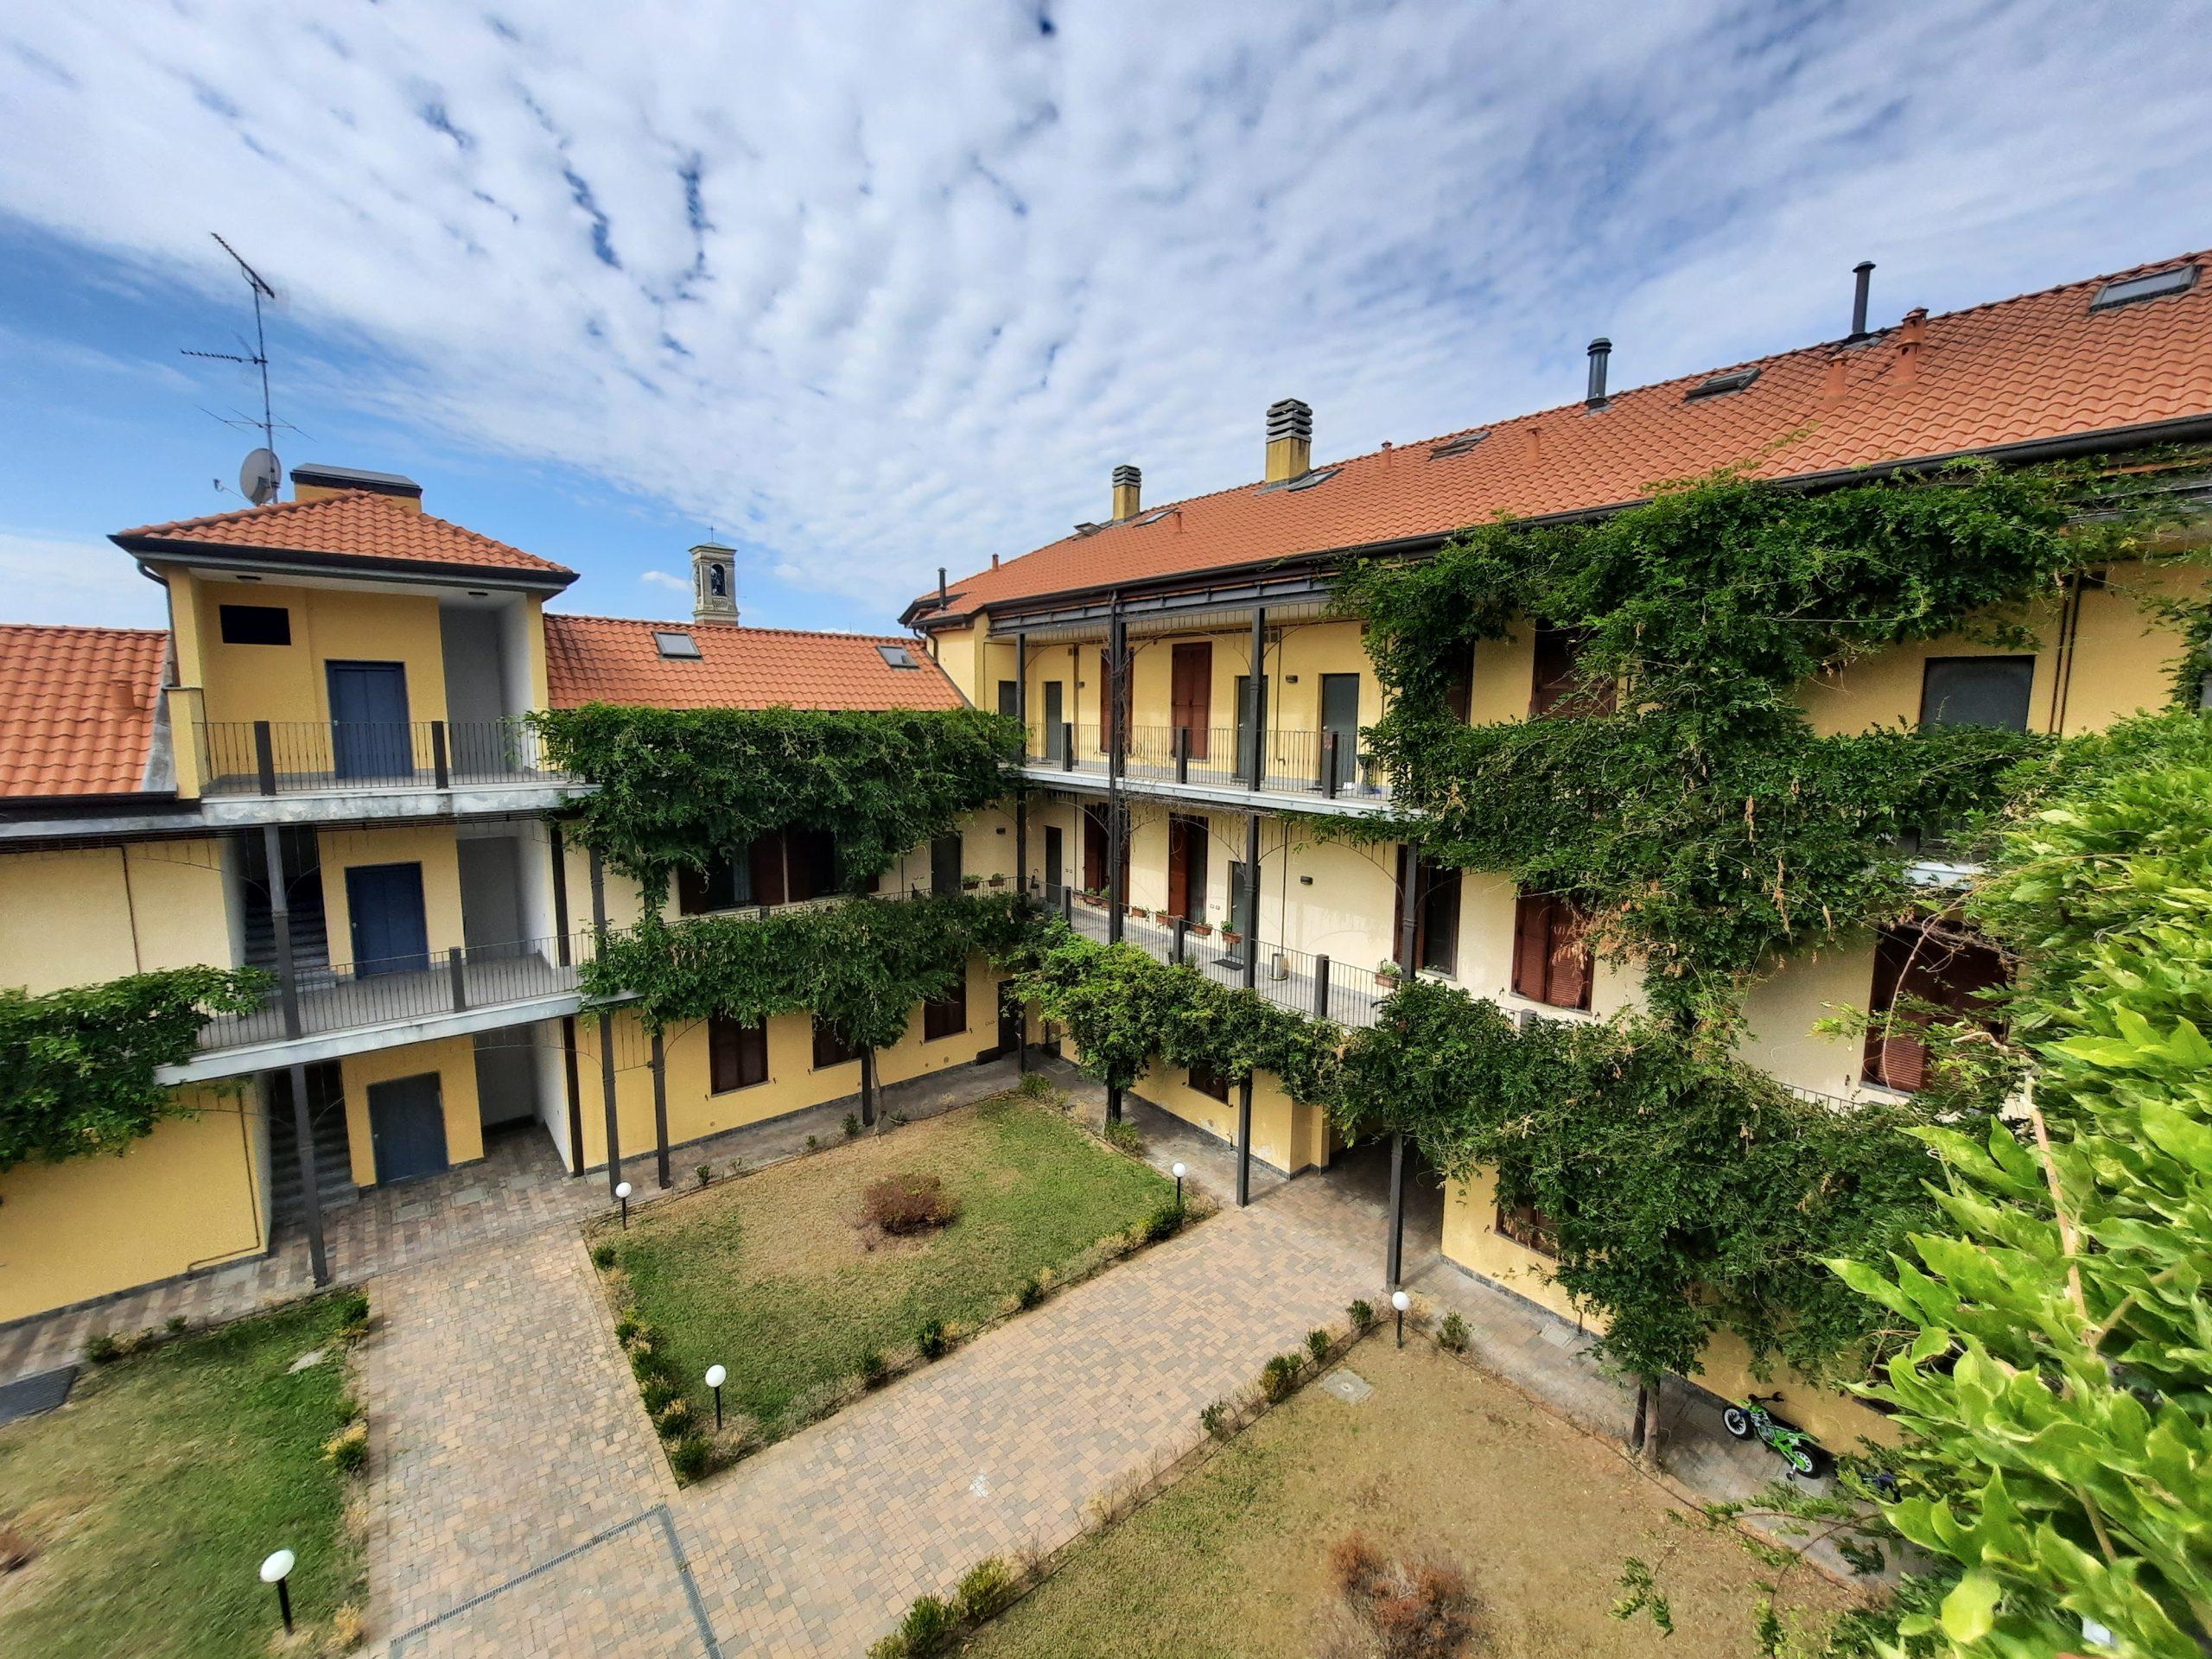 Appartamento bilocale in vendita a Parabiago, Villastanza